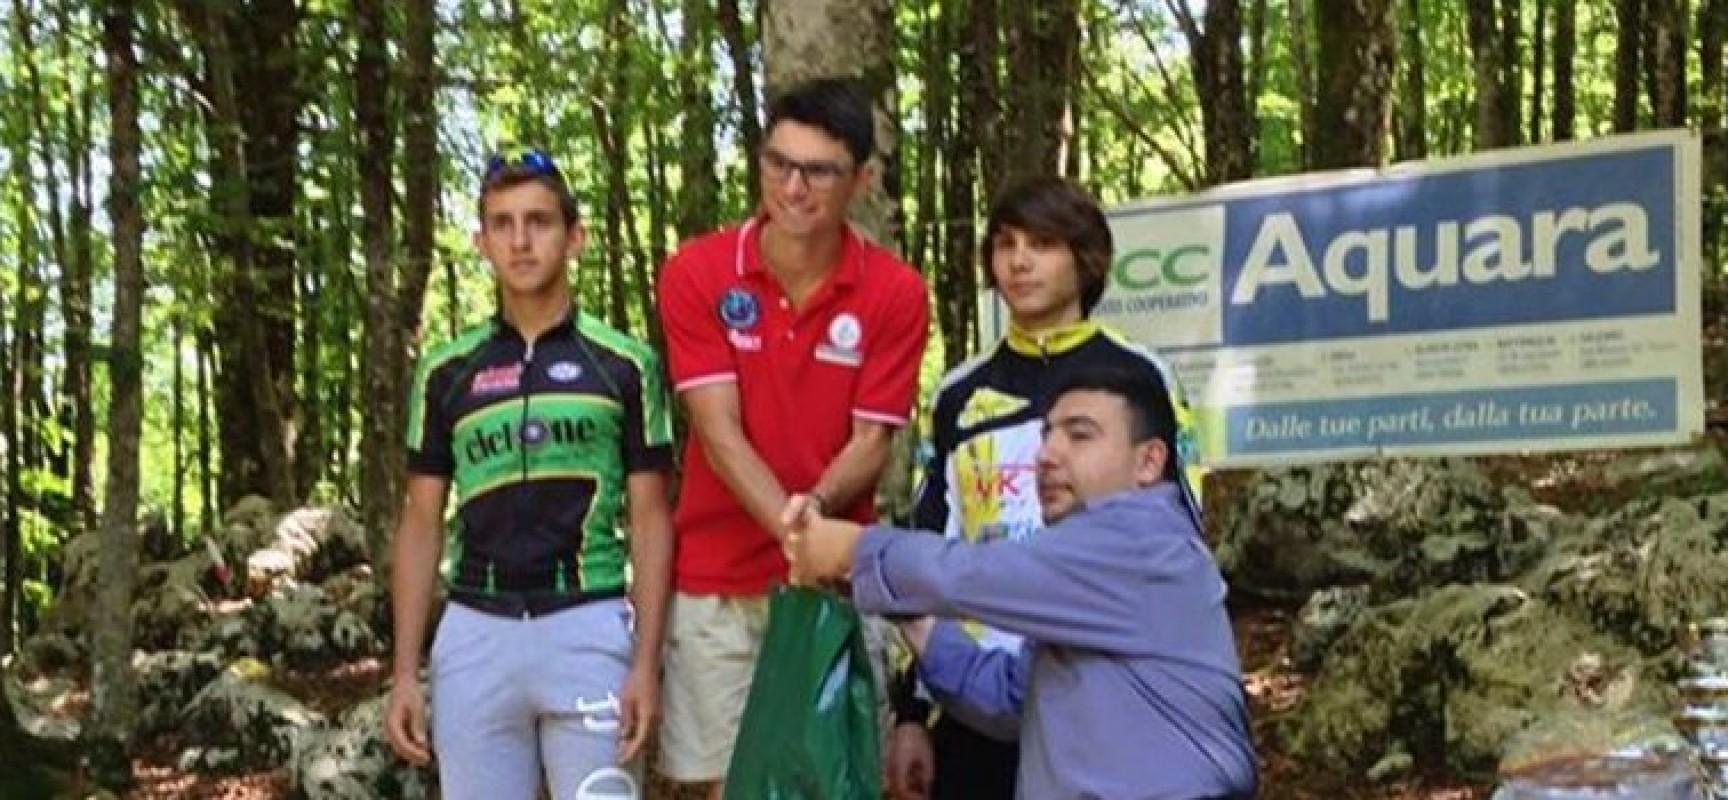 Ciclismo: cinque atleti Cavallaro convocati per i Campionati Italiani